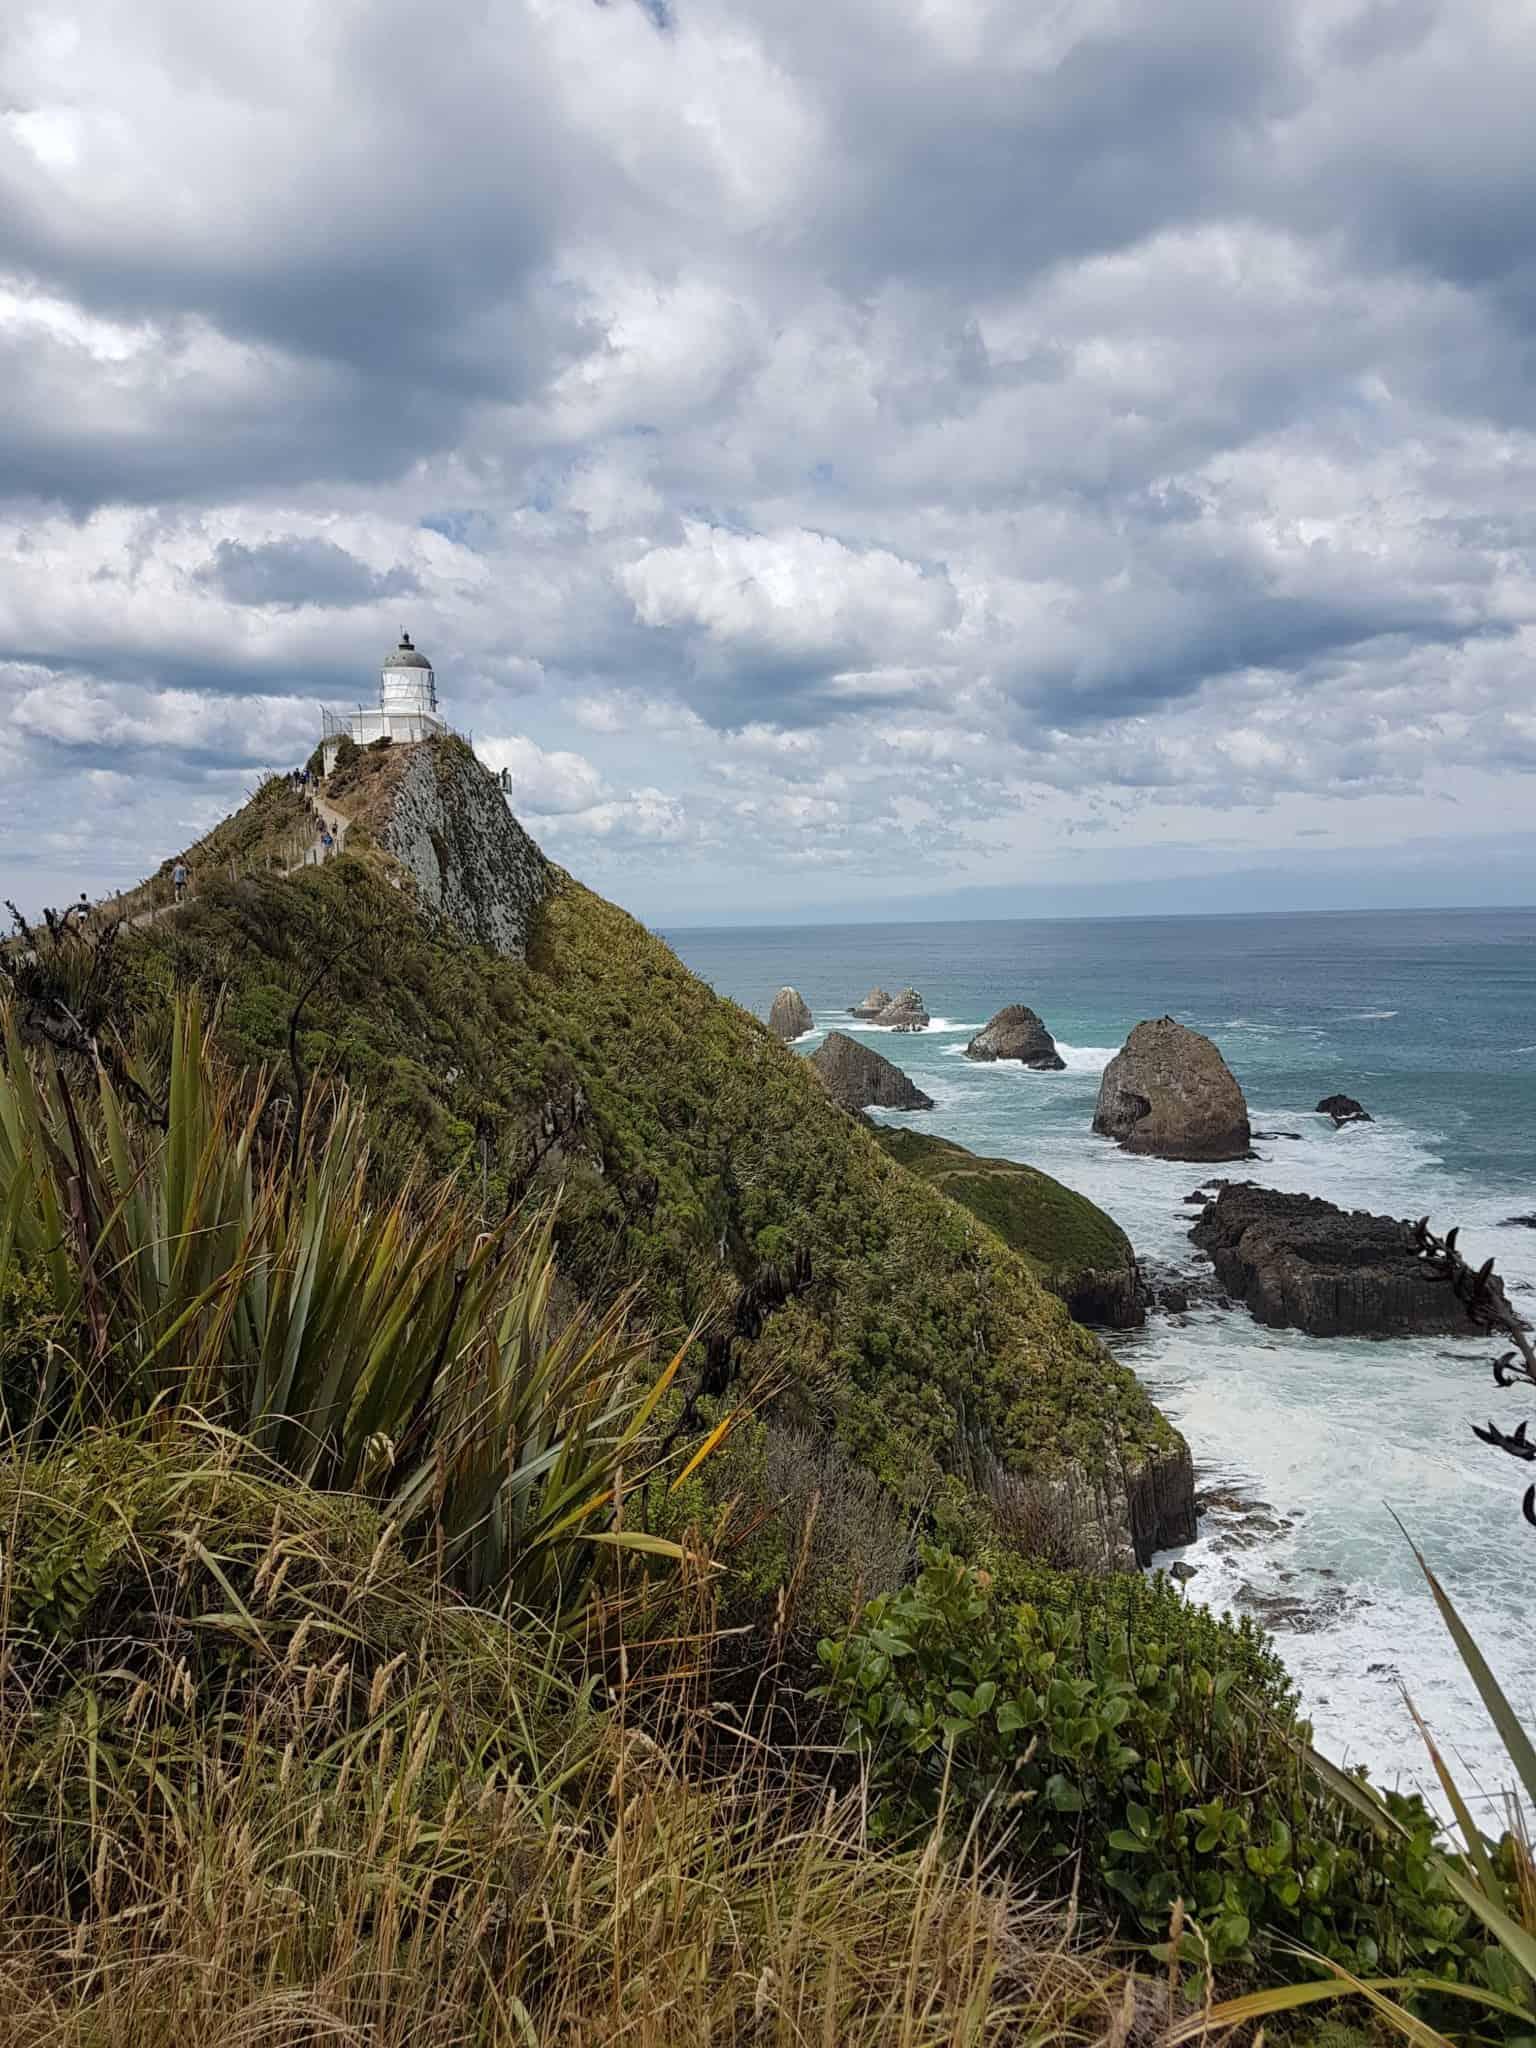 Nouvelle-Zélande, rencontre avec les pingouins aux yeux jaunes 🐧 20